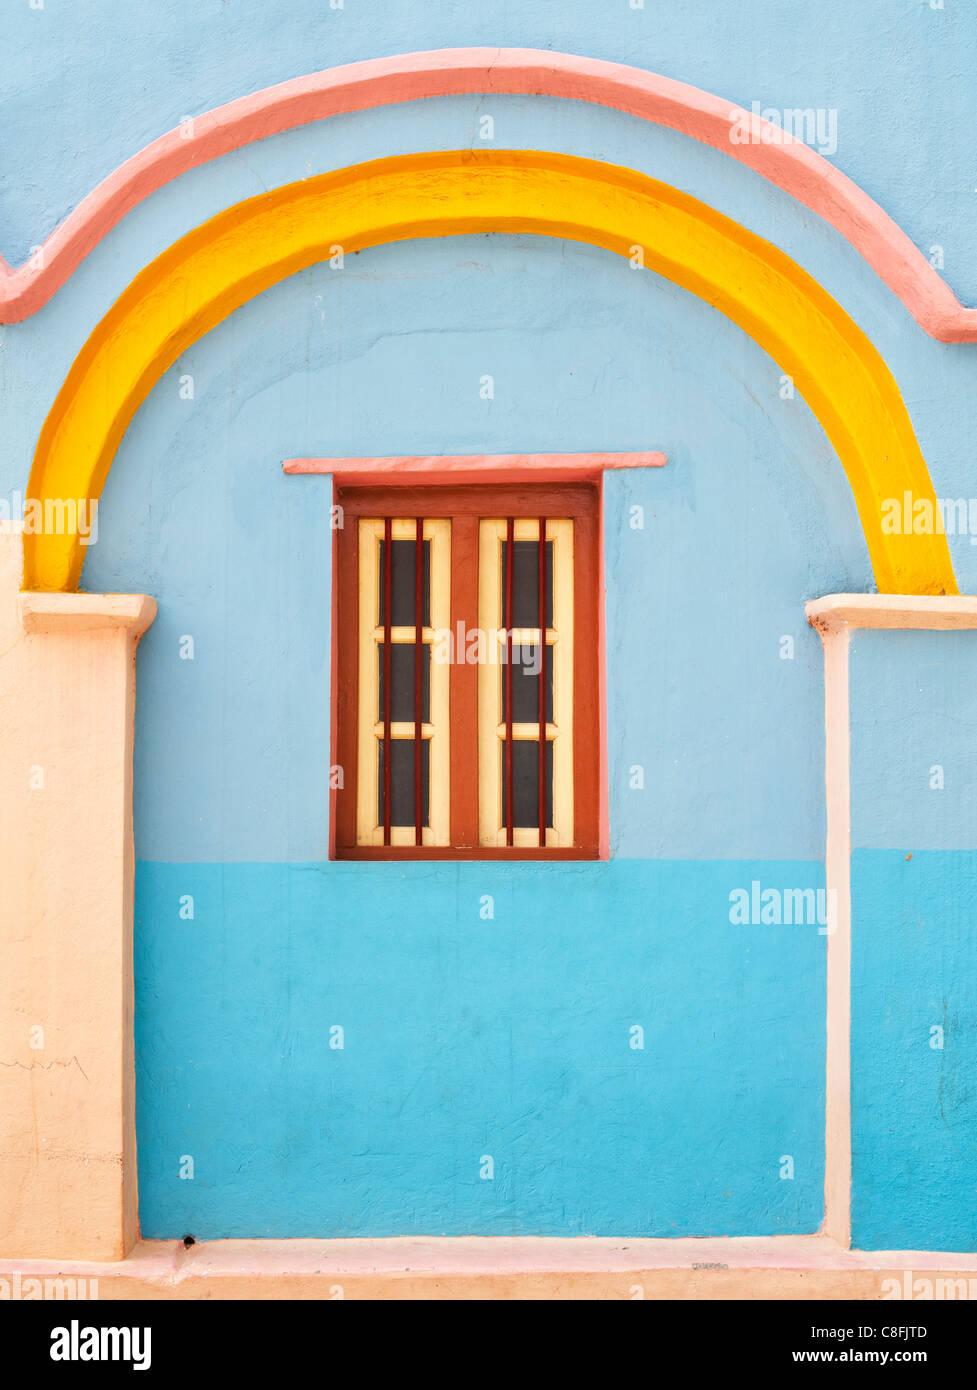 Bunte blau und gelb Indianerdorf Haus Detail. Andhra Pradesh. Indien Stockbild